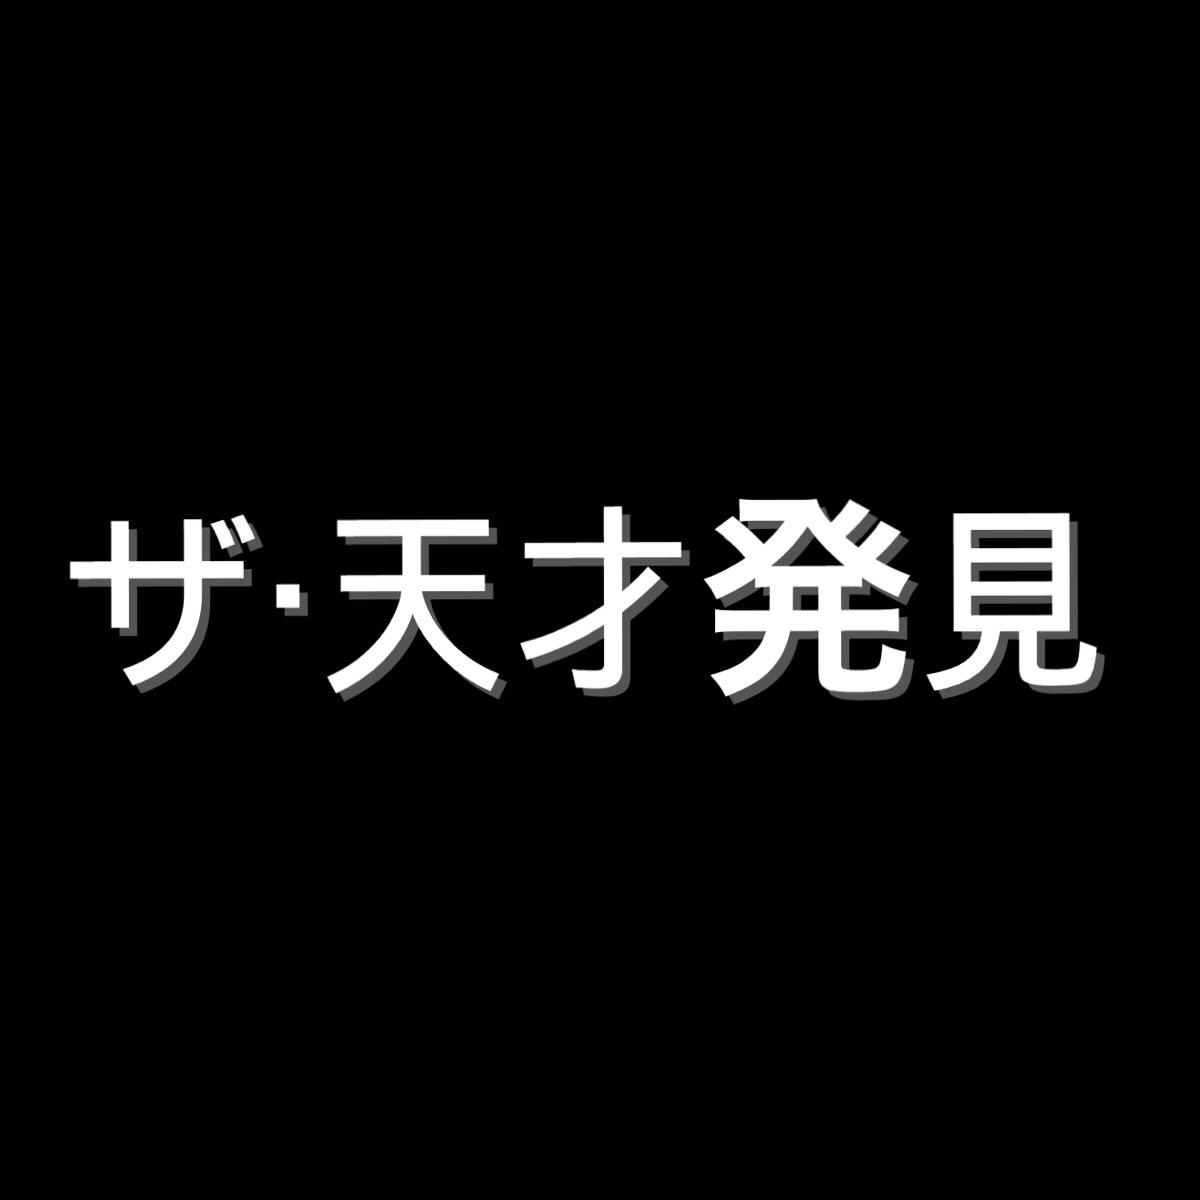 #8 Y子さん